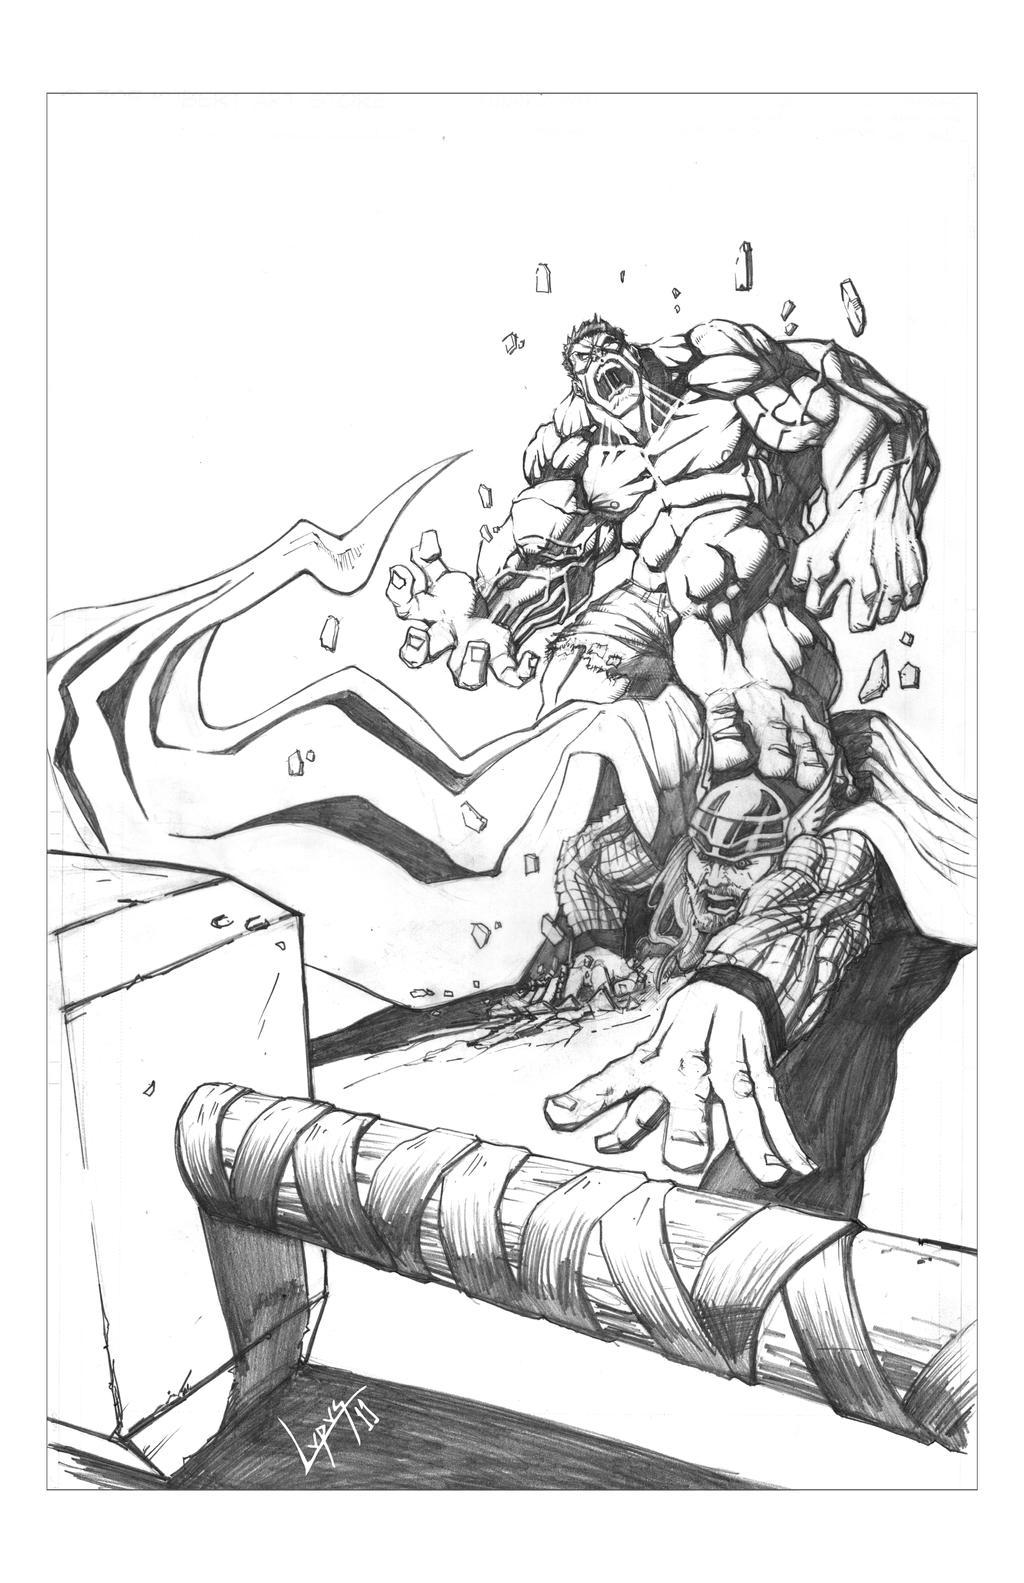 Hulk Vs Thor By Freddylupus On DeviantArt